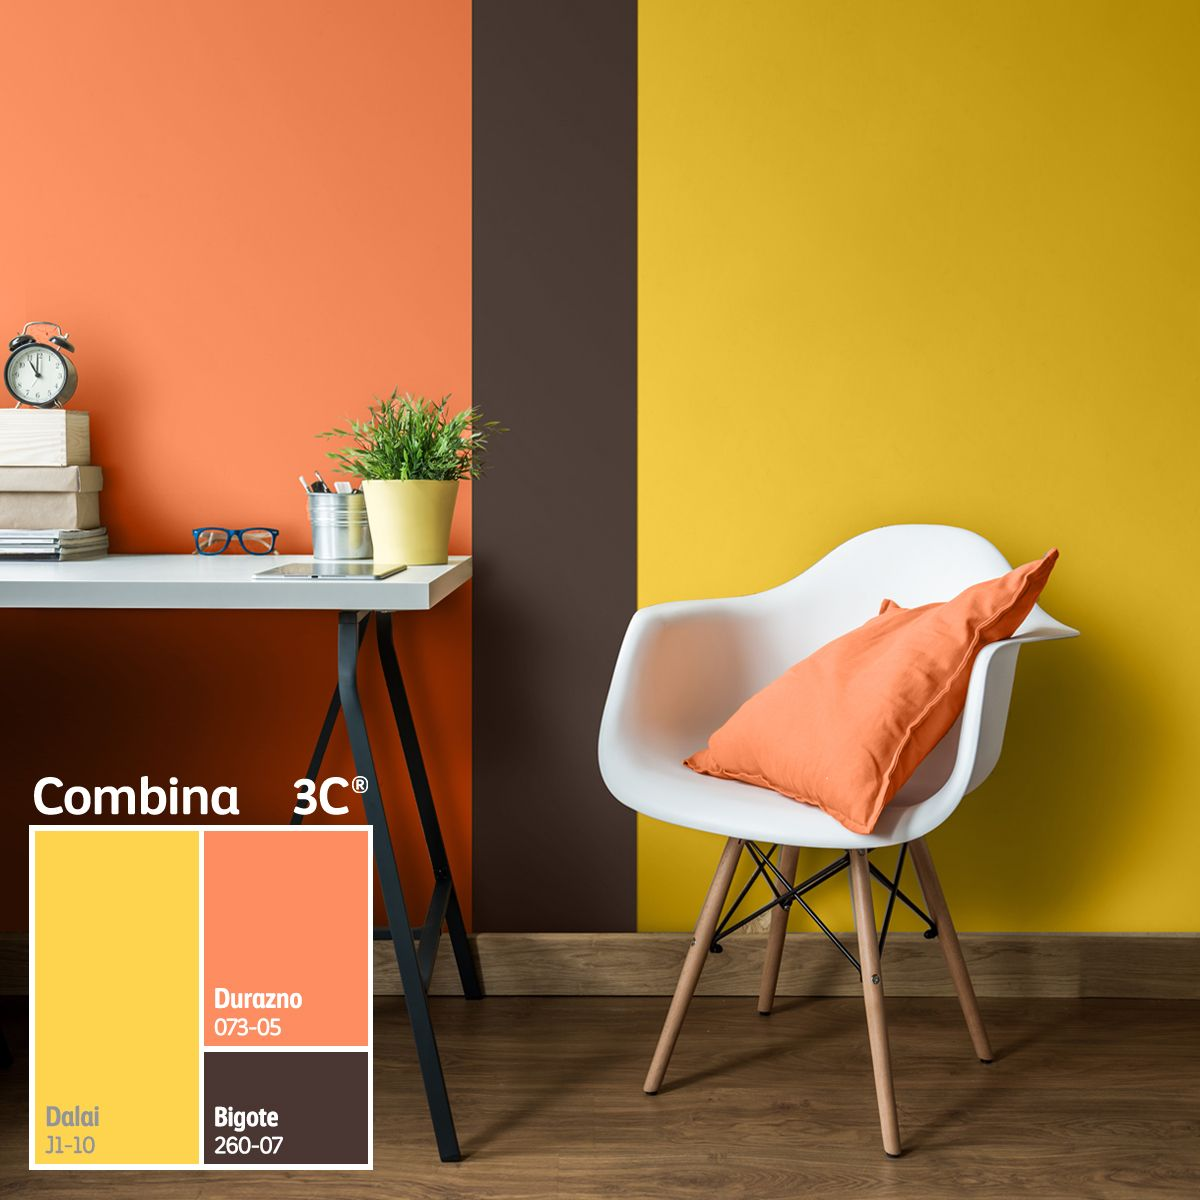 Los colores c lidos crear n un ambiente ntimo que har for Combinacion colores pintura paredes